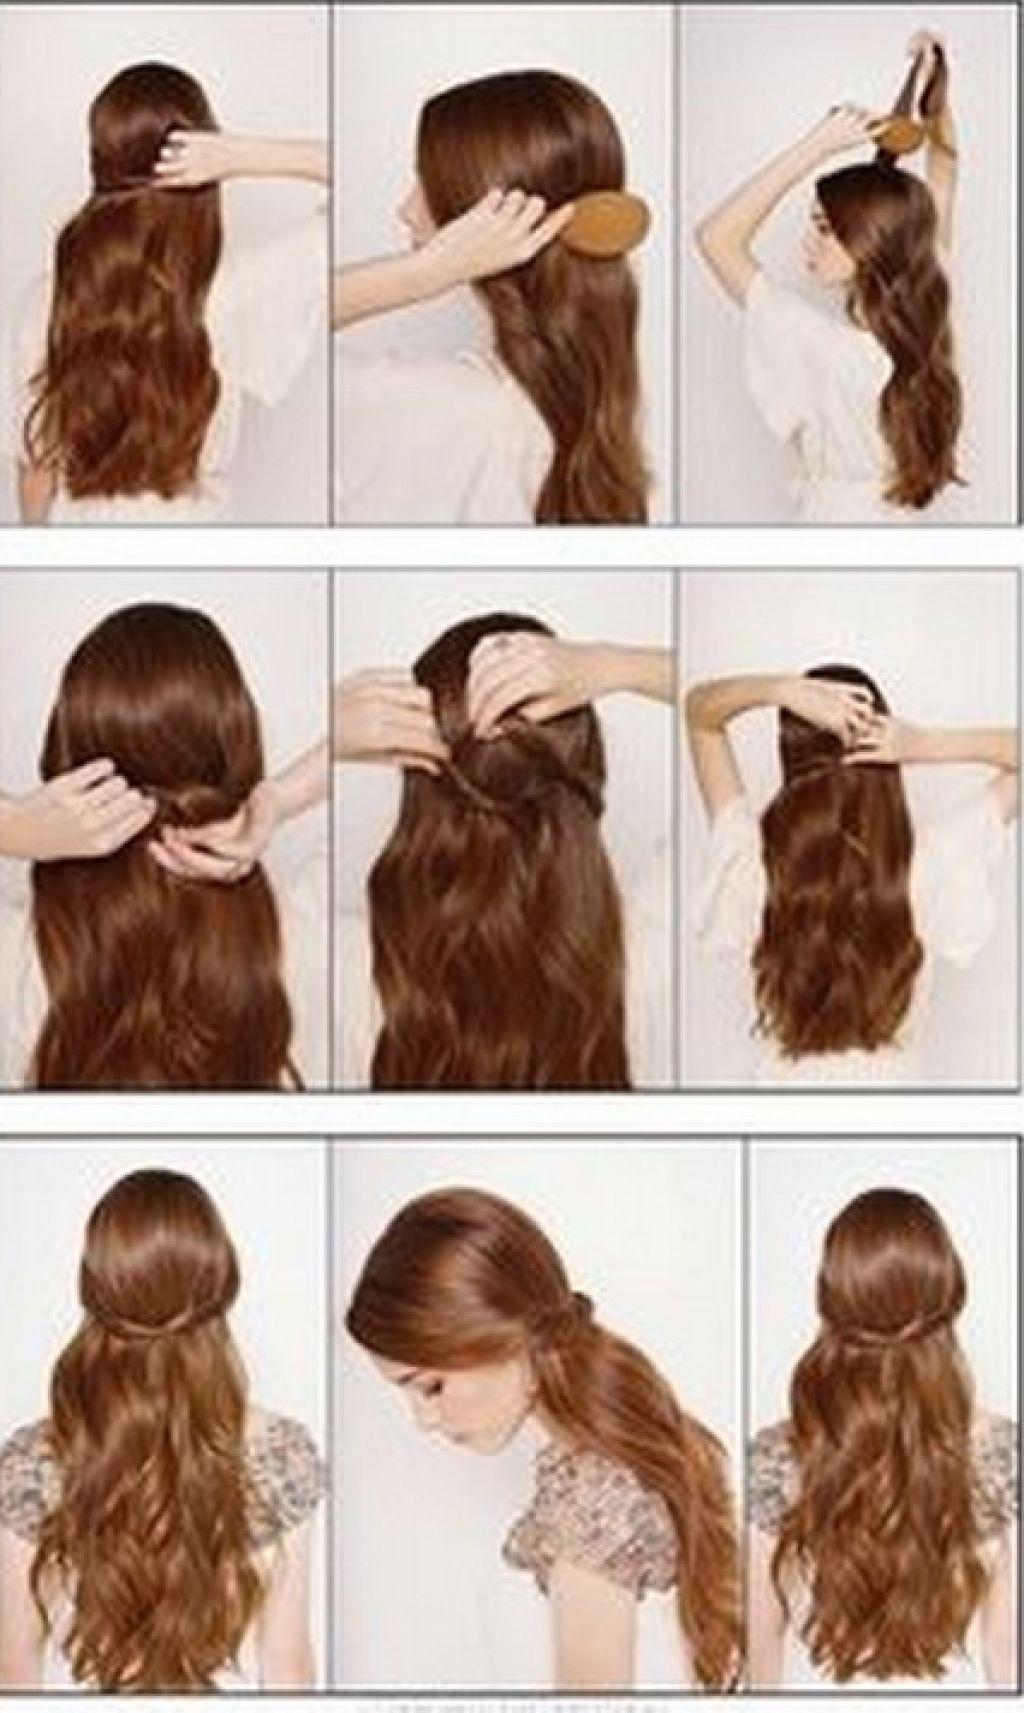 cute easy hair styles | hair styles | cute simple hairstyles